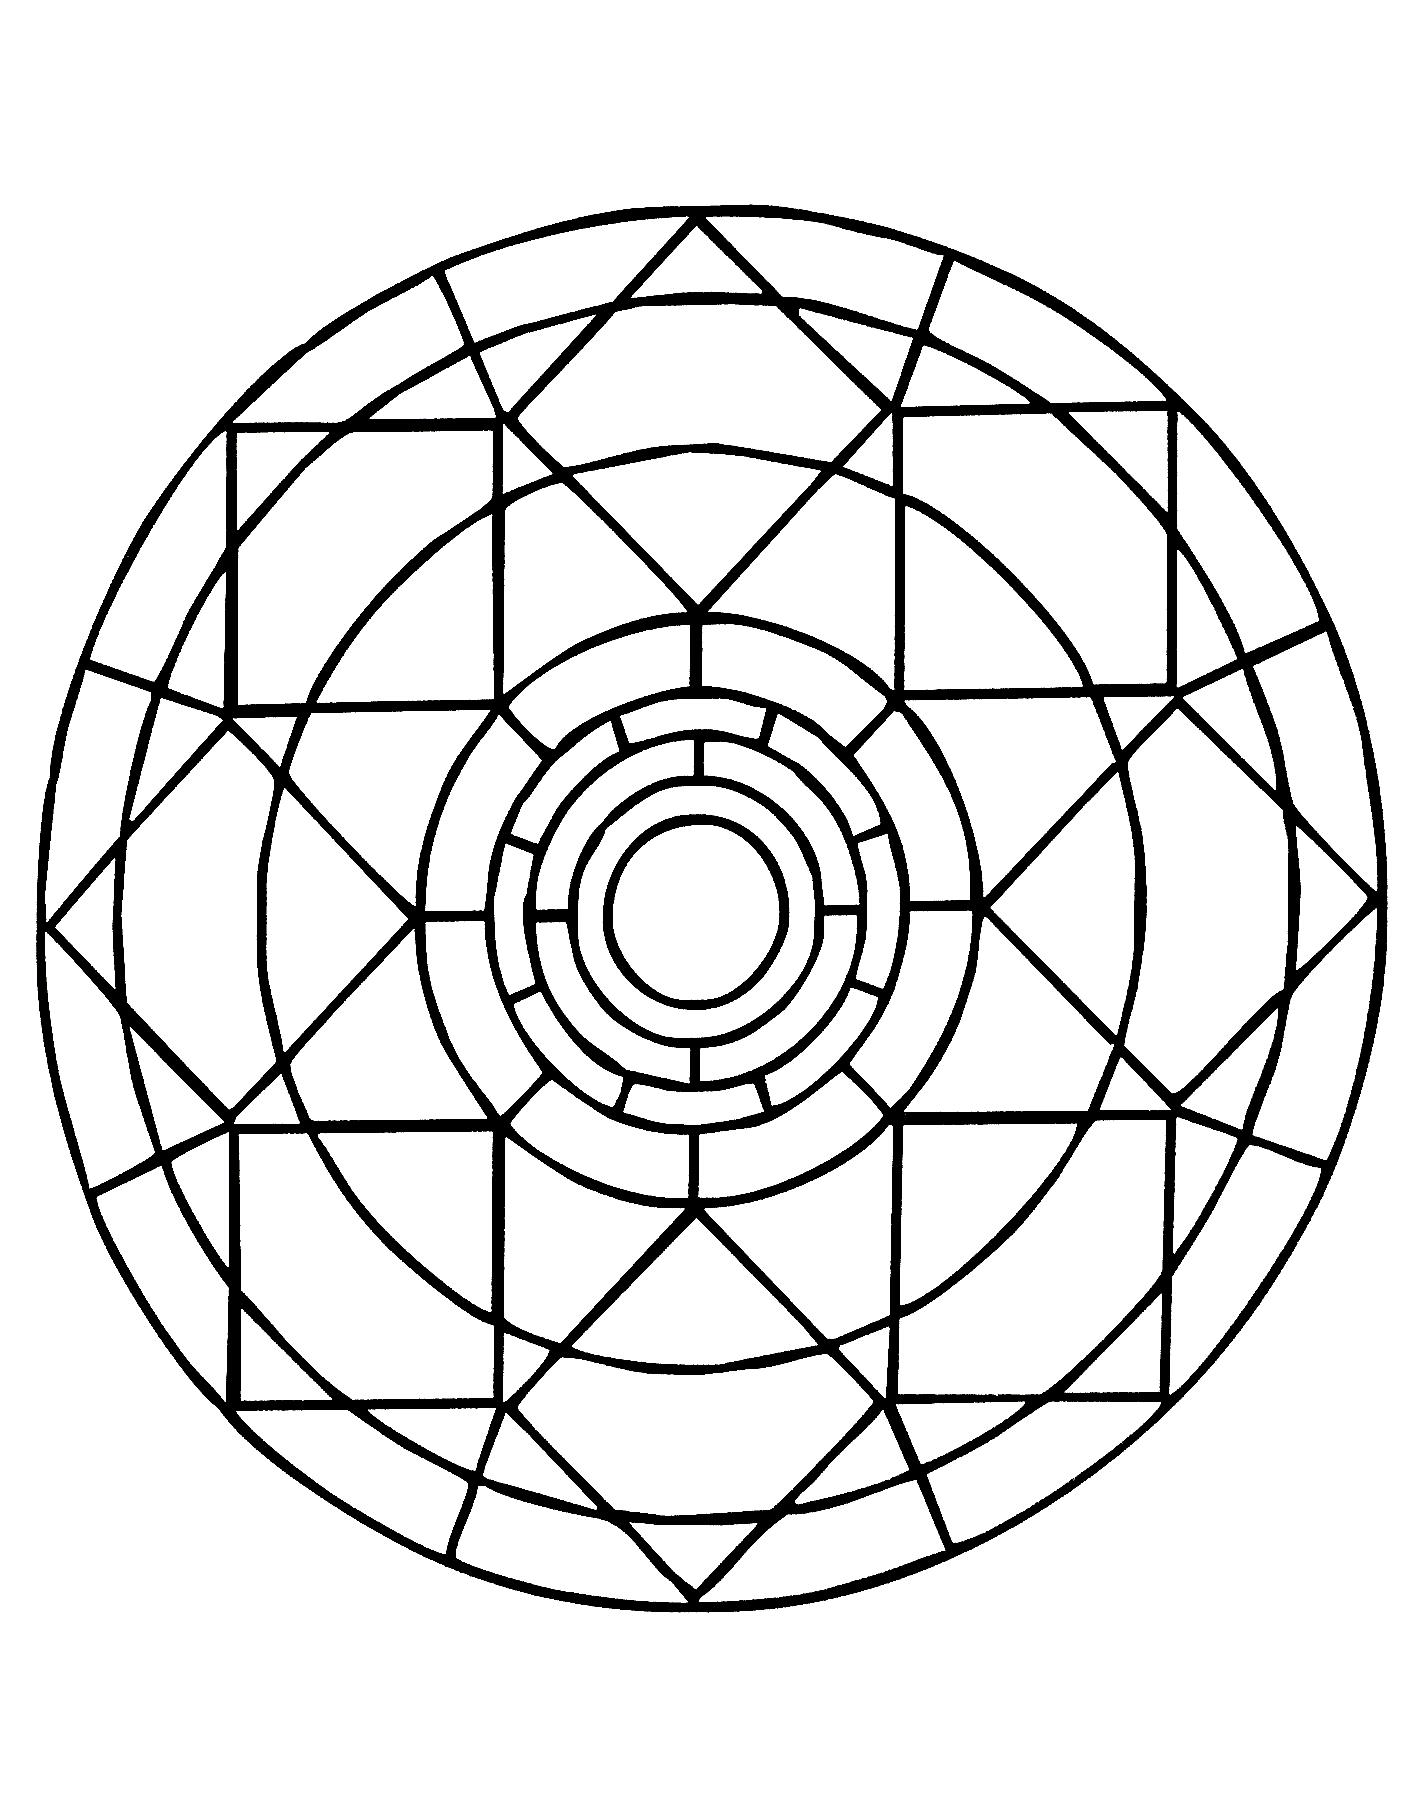 Mandalas a imprimer gratuit 20 - Mandalas de difficulté normale ...